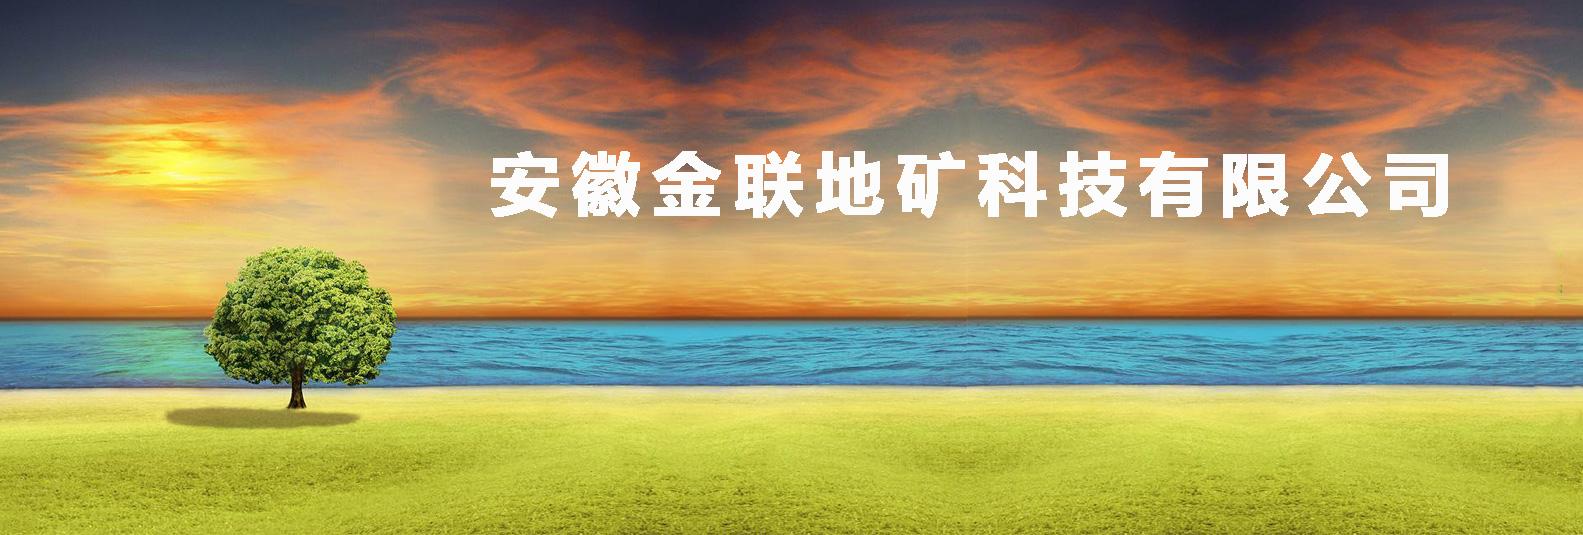 安徽金联地矿科技有限公司-banner